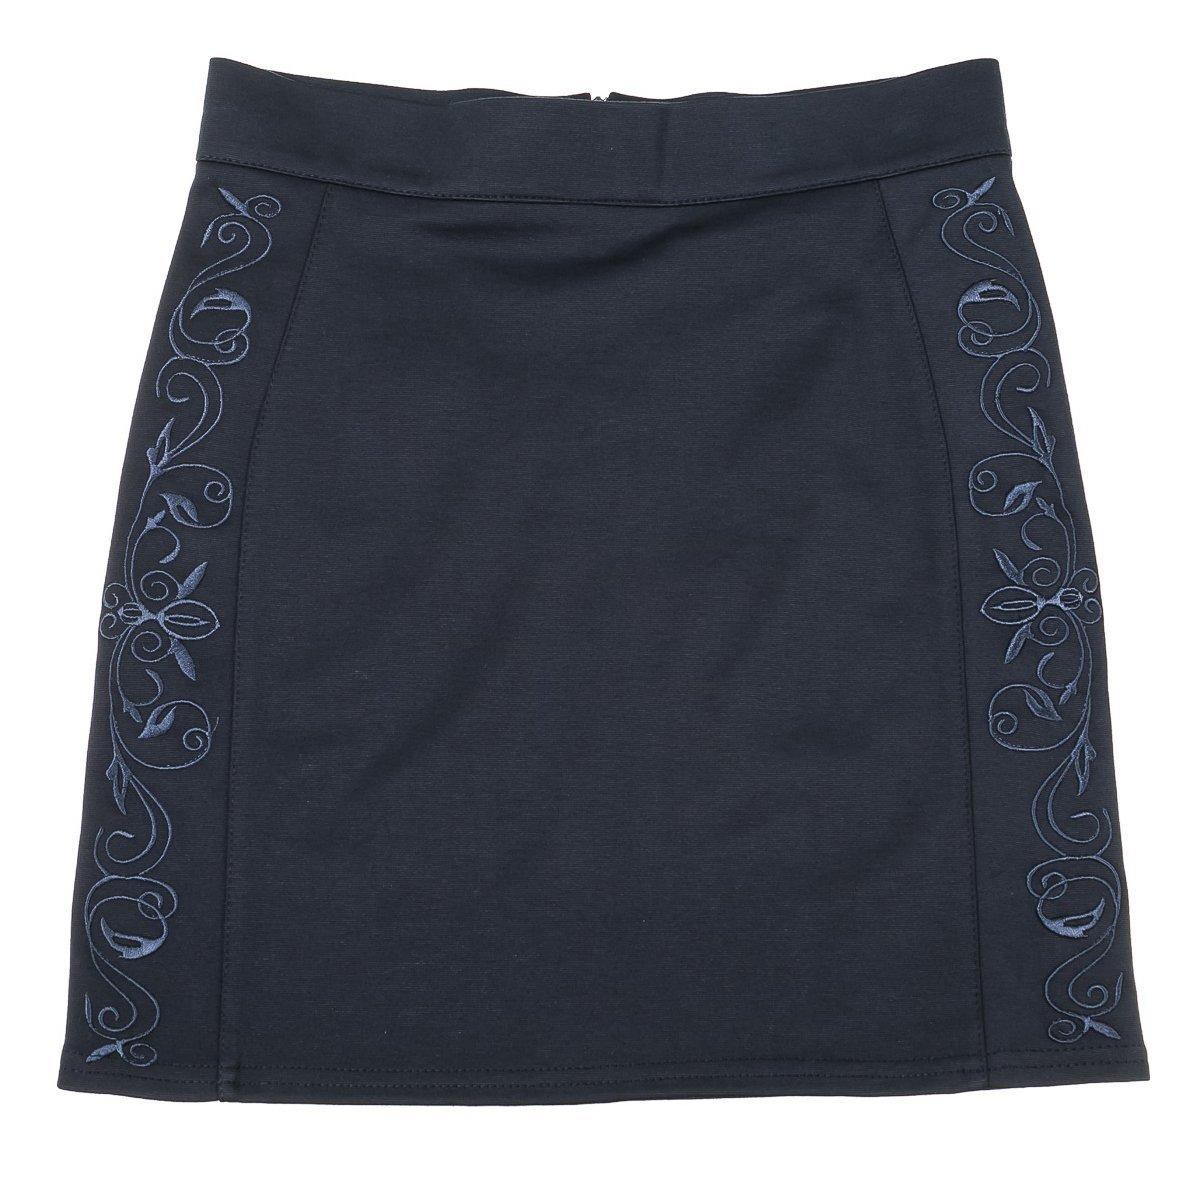 Купить Платья, сарафаны, юбки, Юбка Mevis Olivia темно-синяя, р. 158 1684-01 ТМ: Mevis, синий